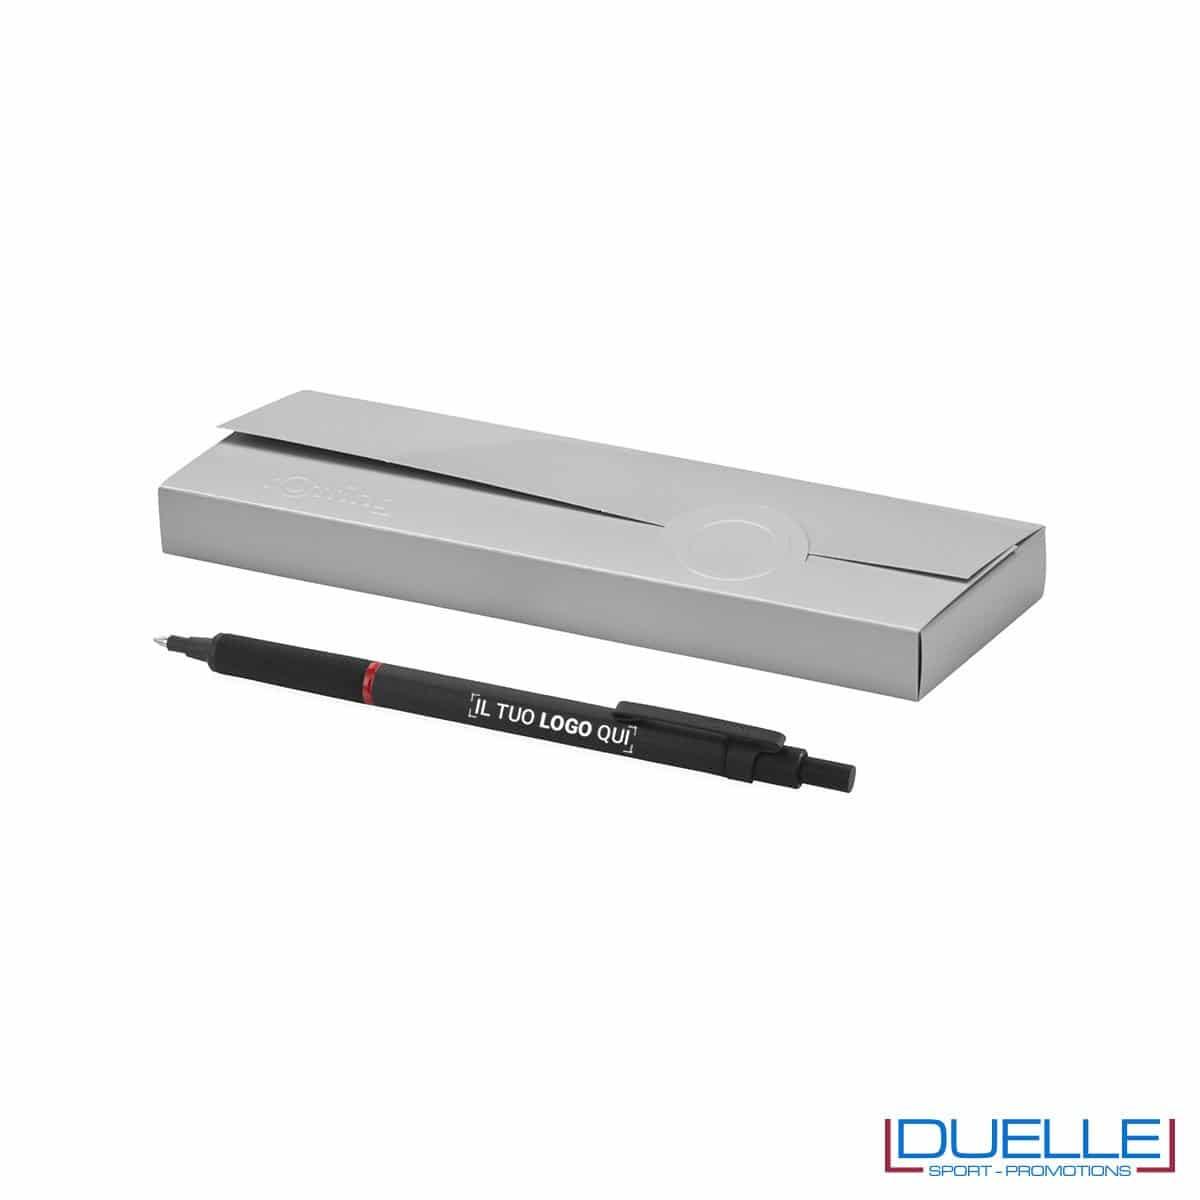 penna personalizzata rOtring rapid pro colore nero, penne promozionali personalizzate rOtring per regali aziendali